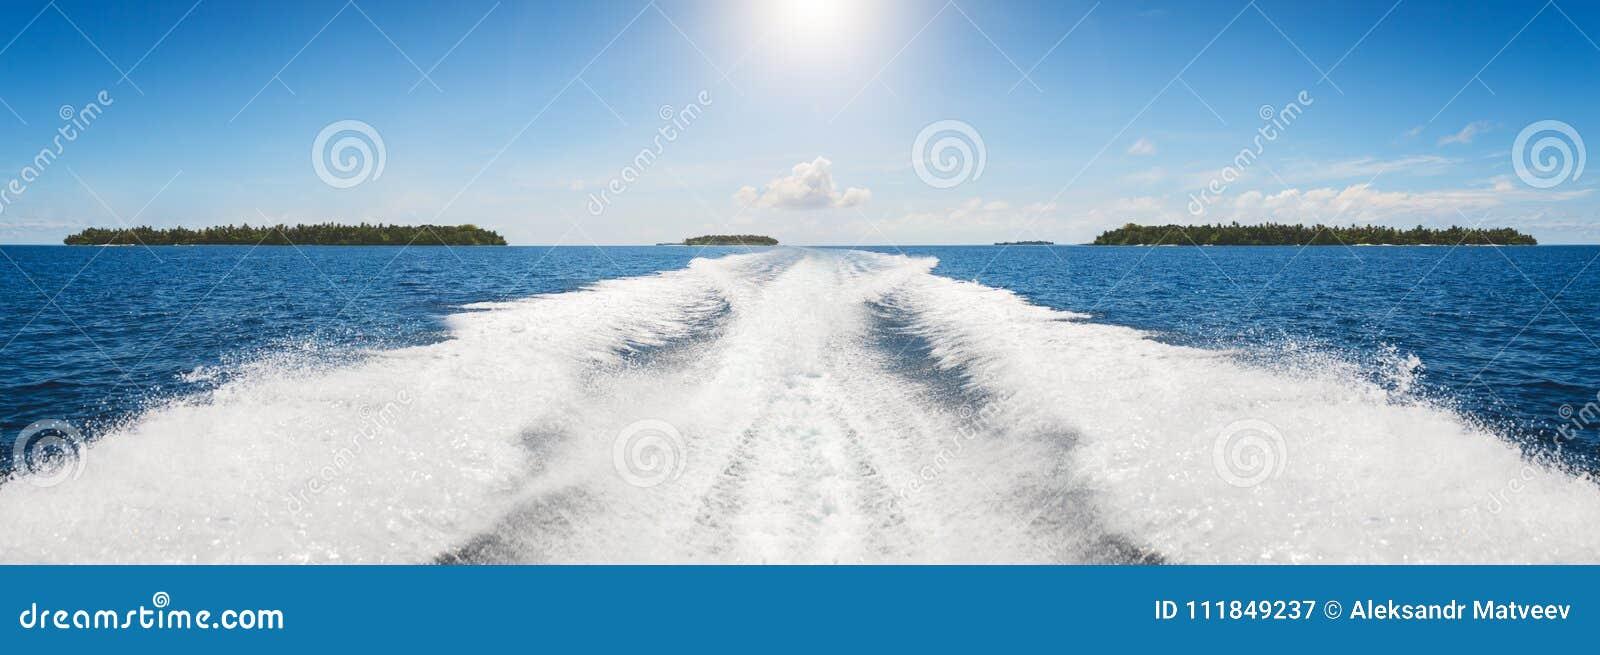 Superficie del agua del fondo detrás del barco de motor rápido en estilo retro del vintage